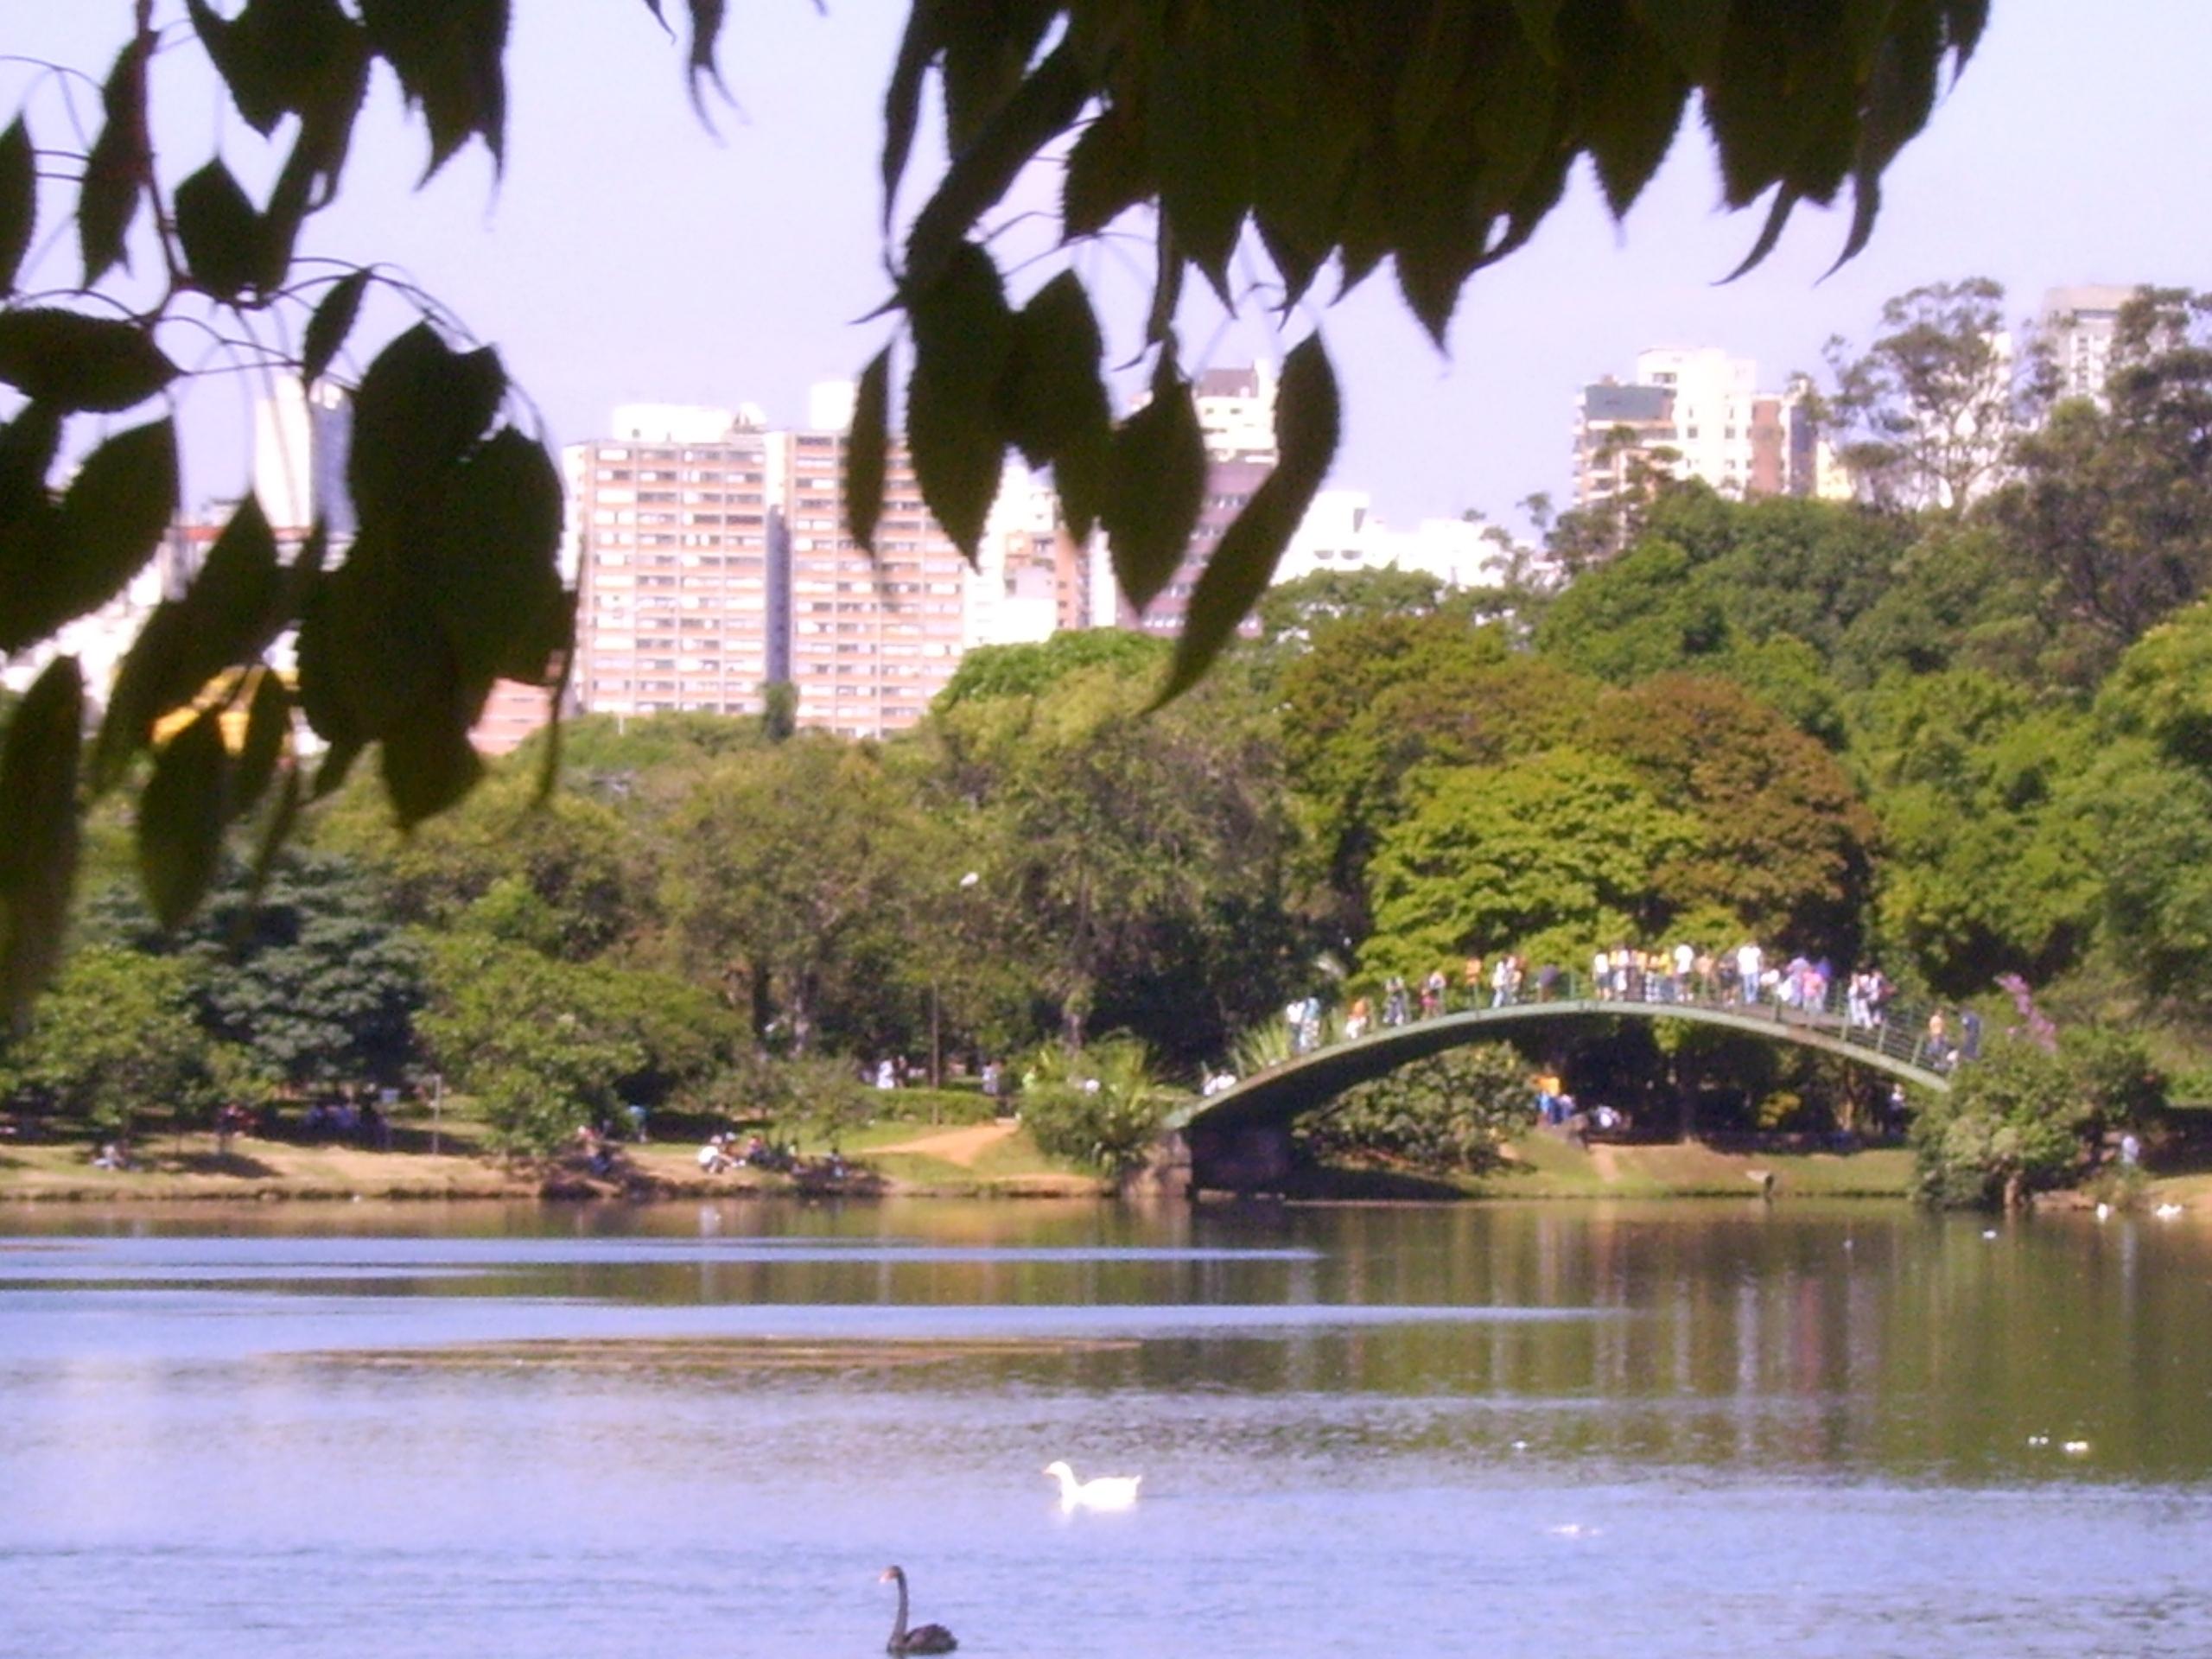 Ibirapuera Park - Wikipedia, the free encyclopedia